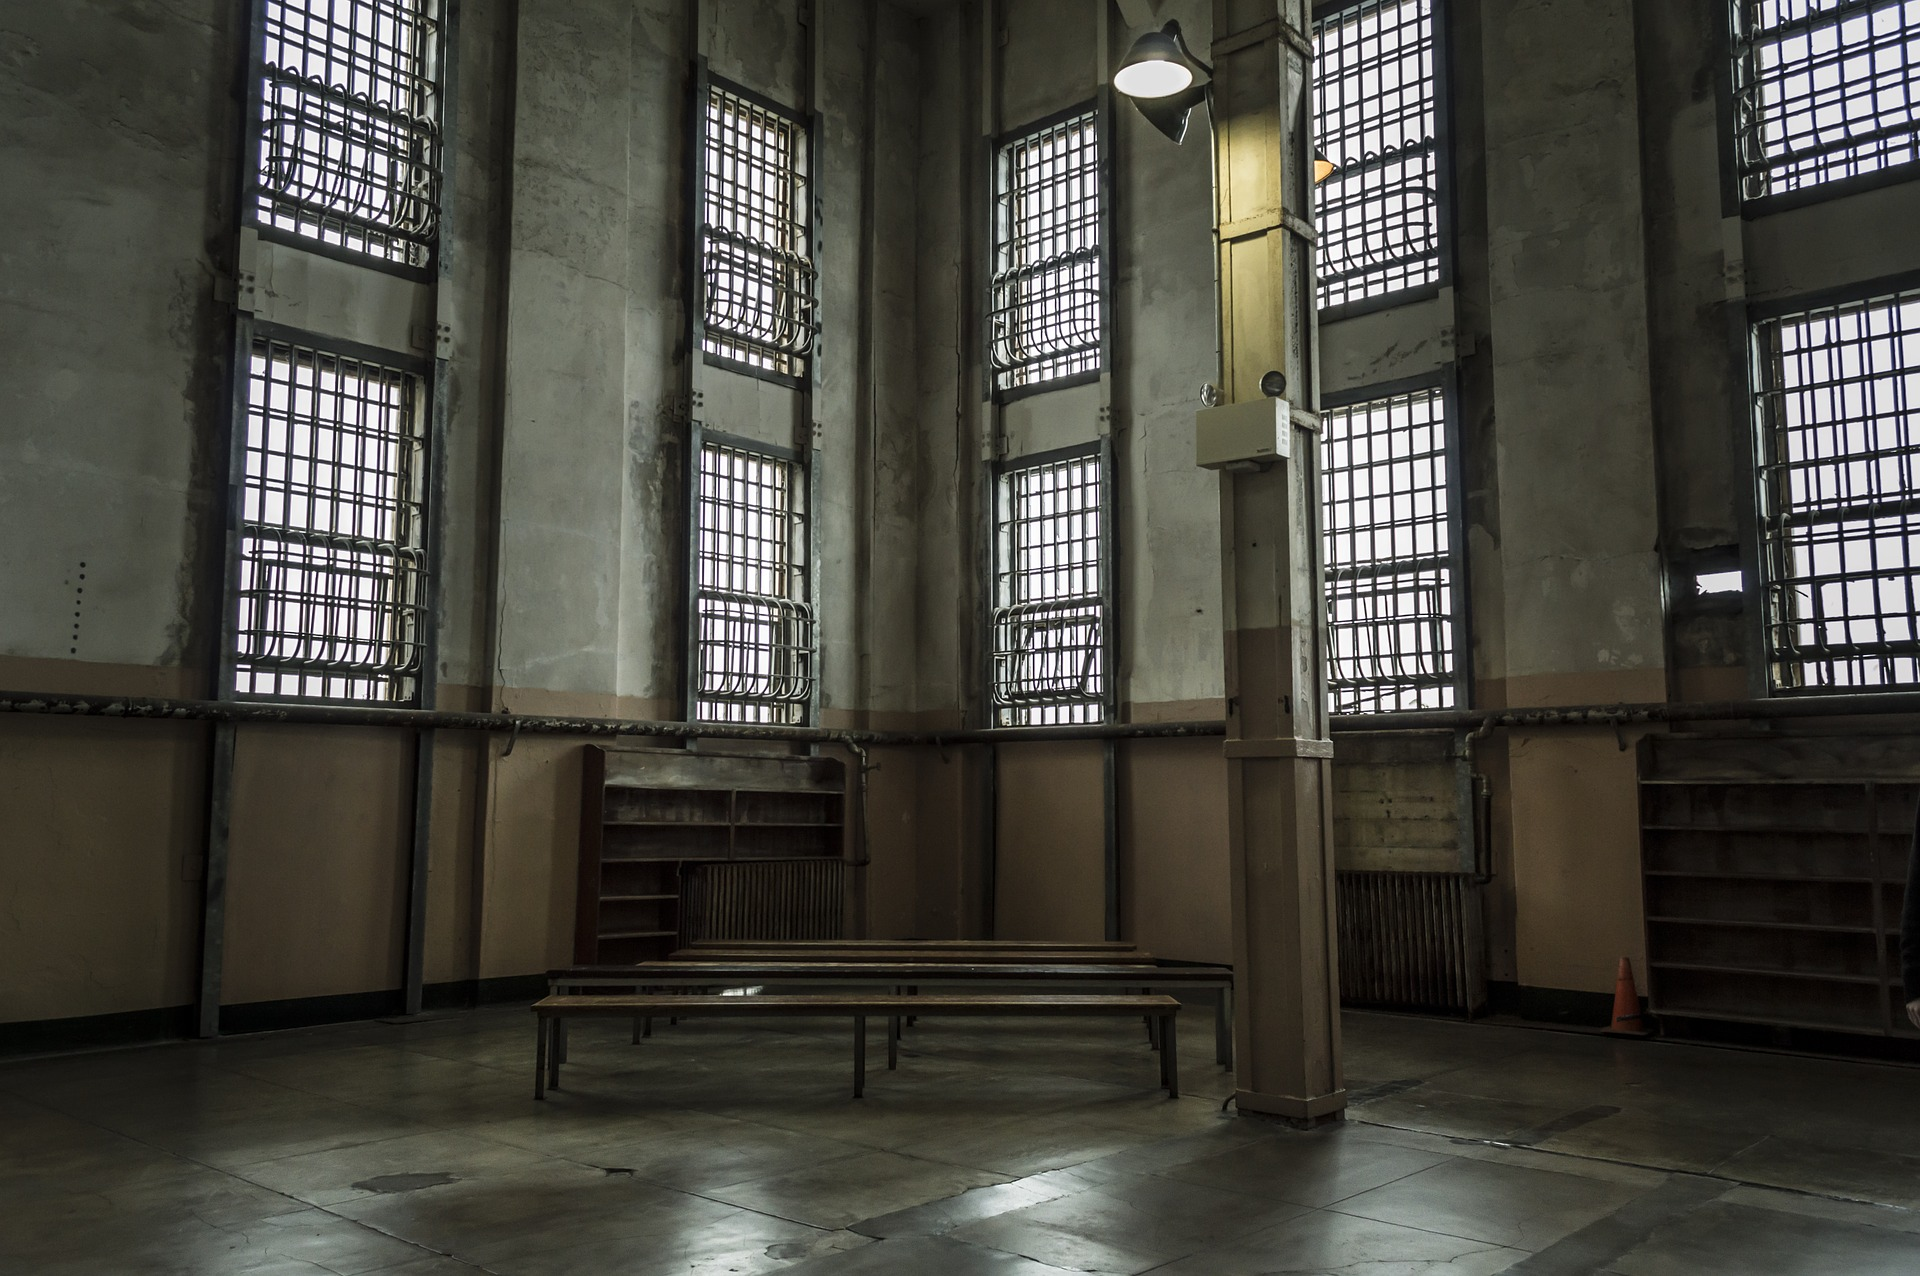 Jails vs prisons